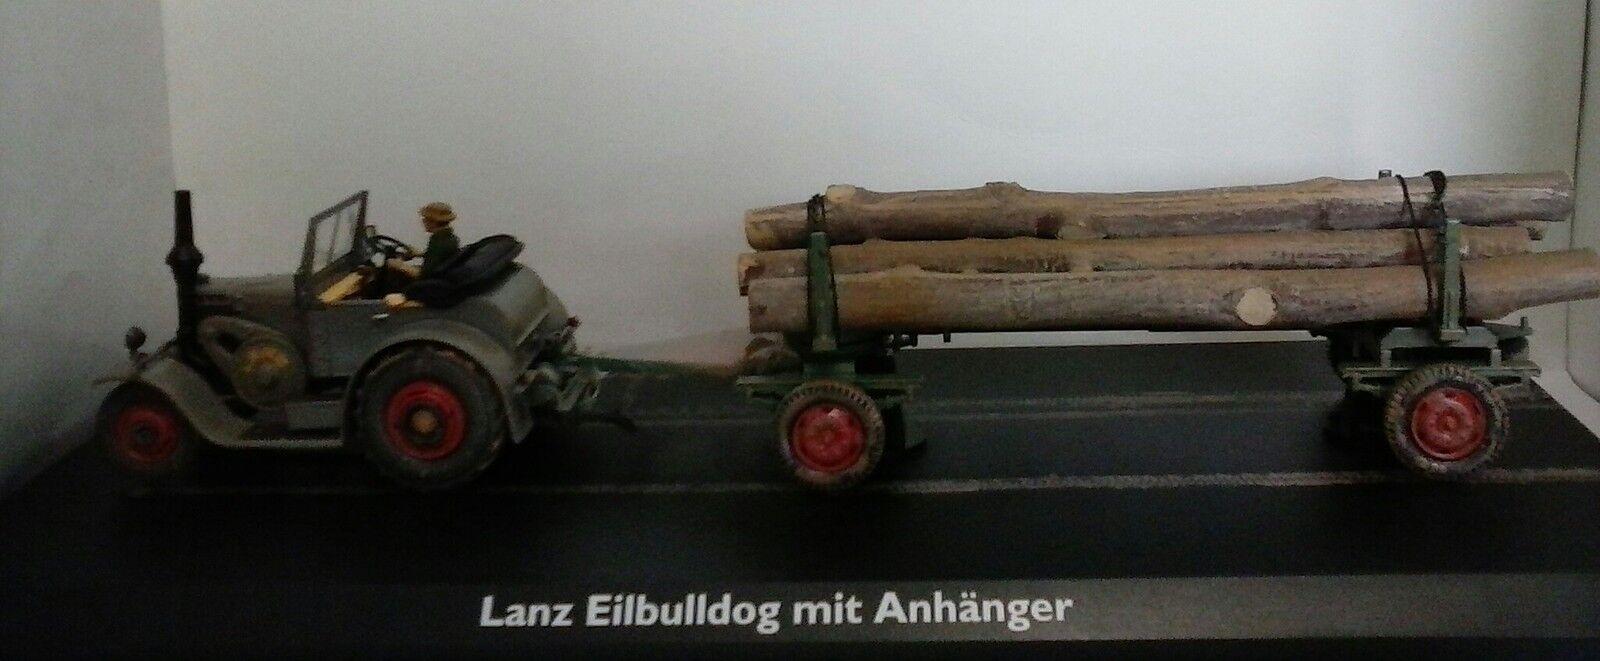 SCHUCO 1 43 43 43 DIE CAST TRATTORE LANZ EILBULLDOG MIT ANHANGER  ART 02866 28e30d